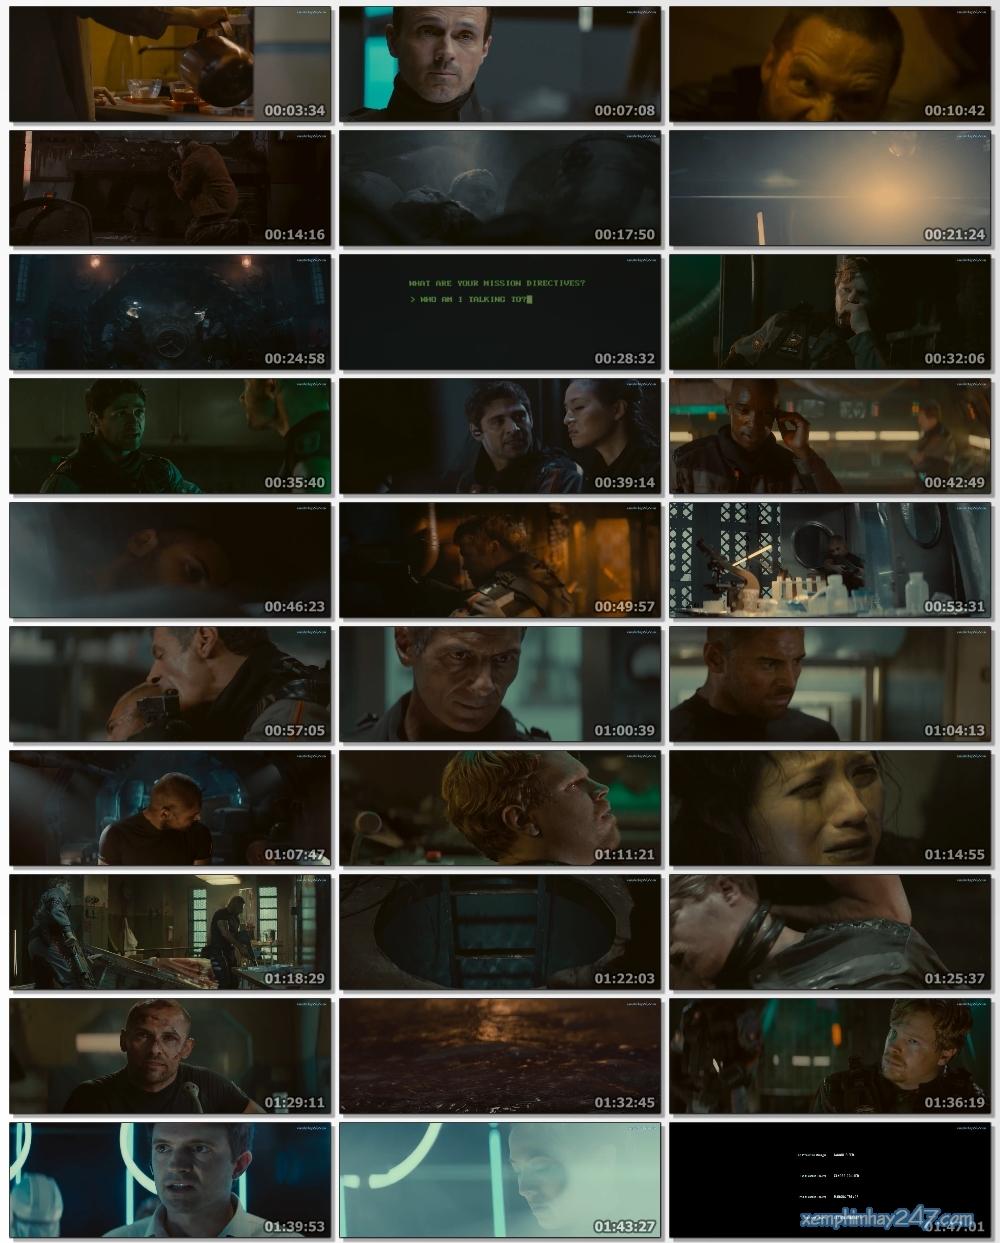 http://xemphimhay247.com - Xem phim hay 247 - Biệt Đội Tử Thần (2015) - Infini (2015)